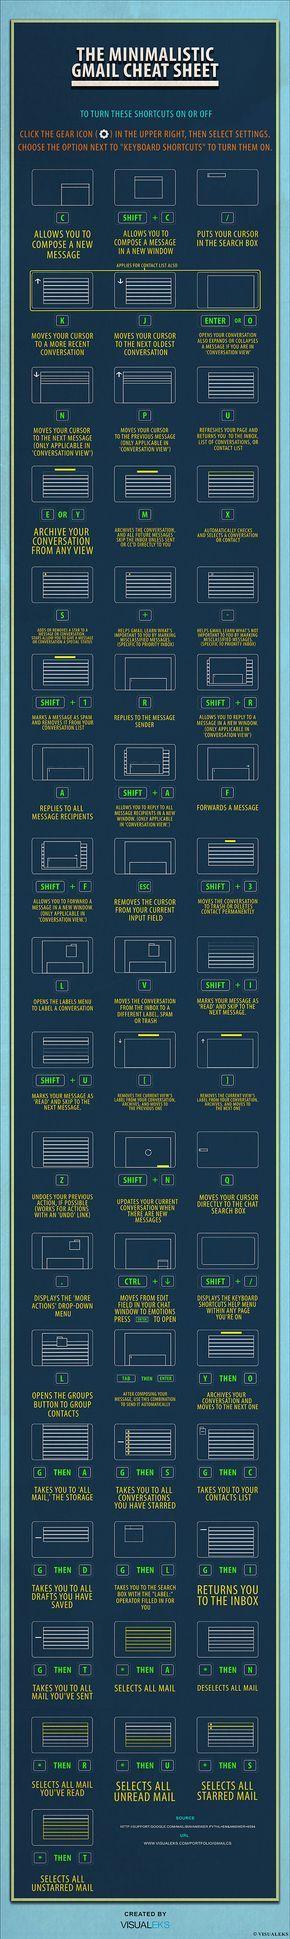 Dat is nog eens handig om uit te printen en boven je bureau te hangen. Of naast de deur, gezien de lengte...